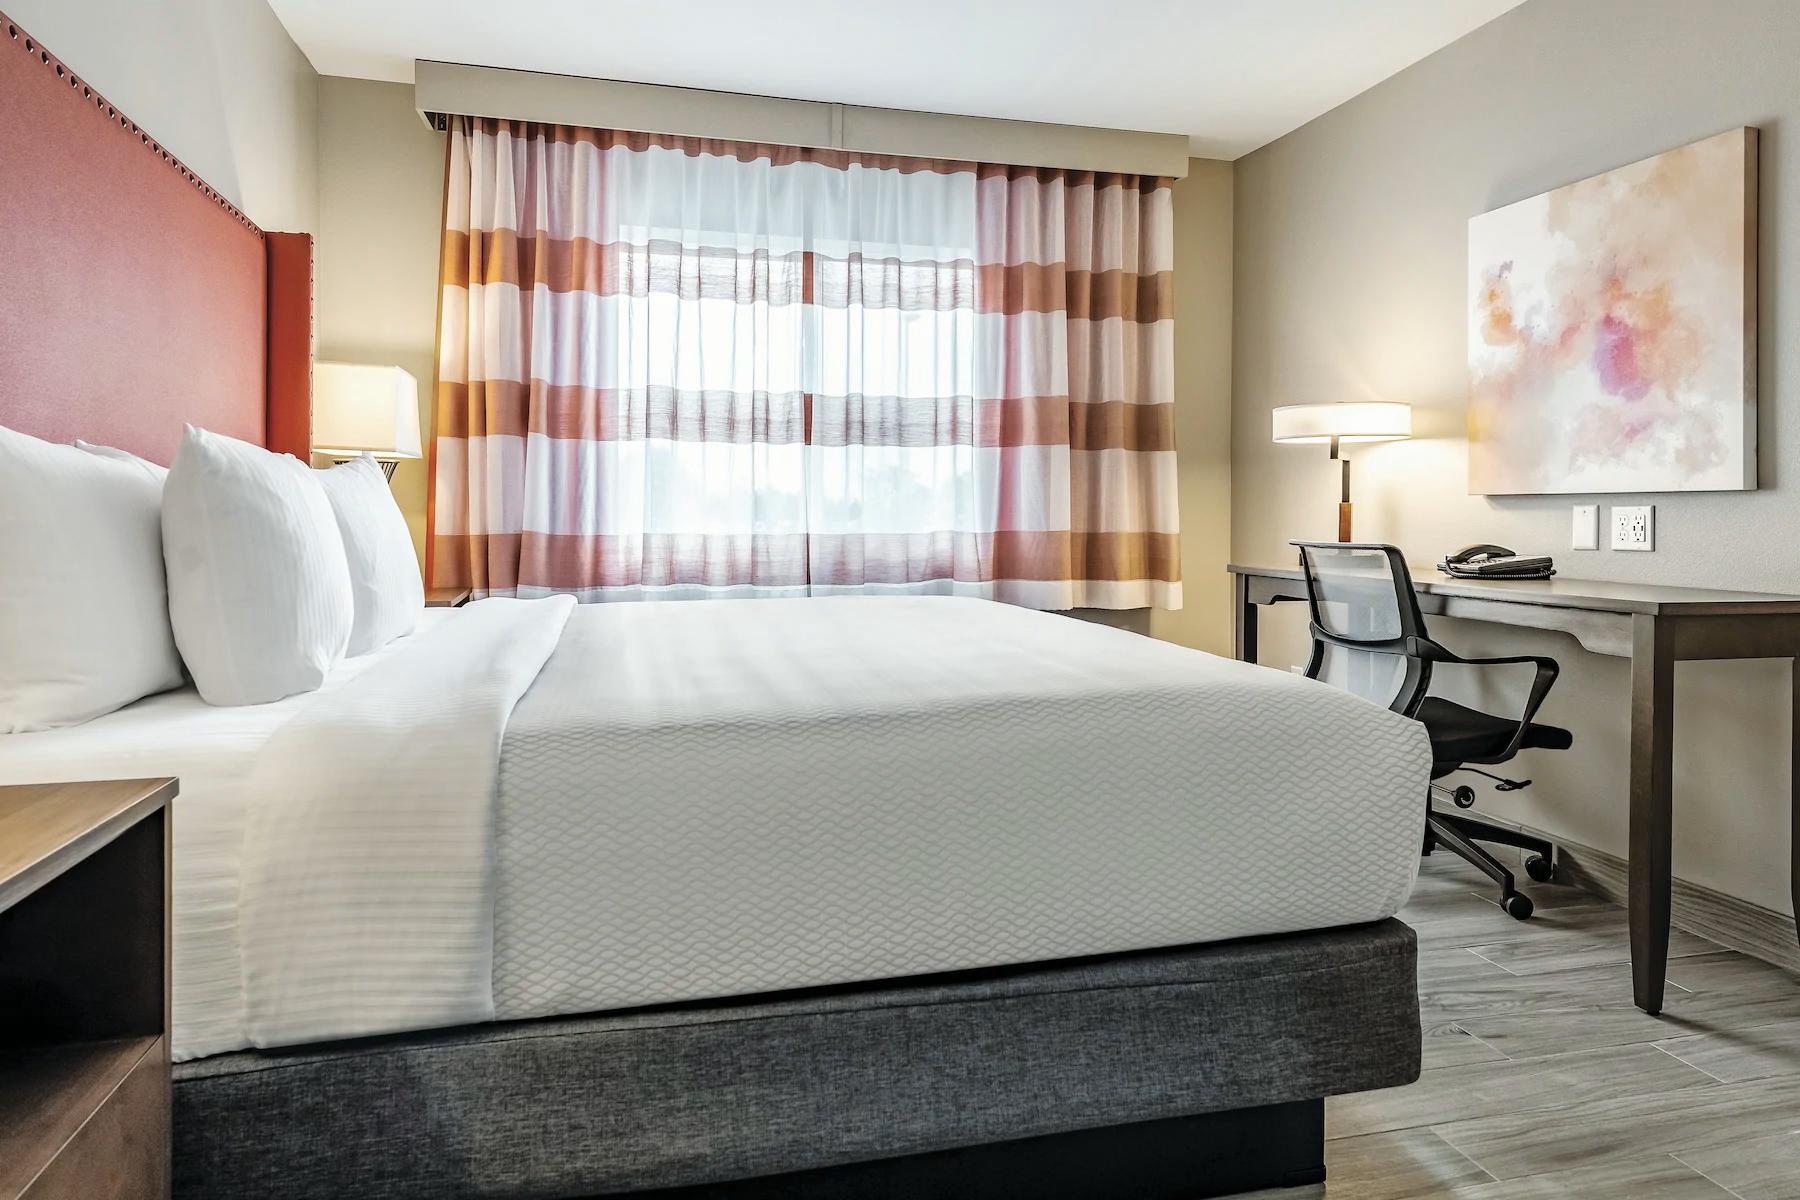 https://www.hotelsbyday.com/_data/default-hotel_image/4/23714/king-room.png